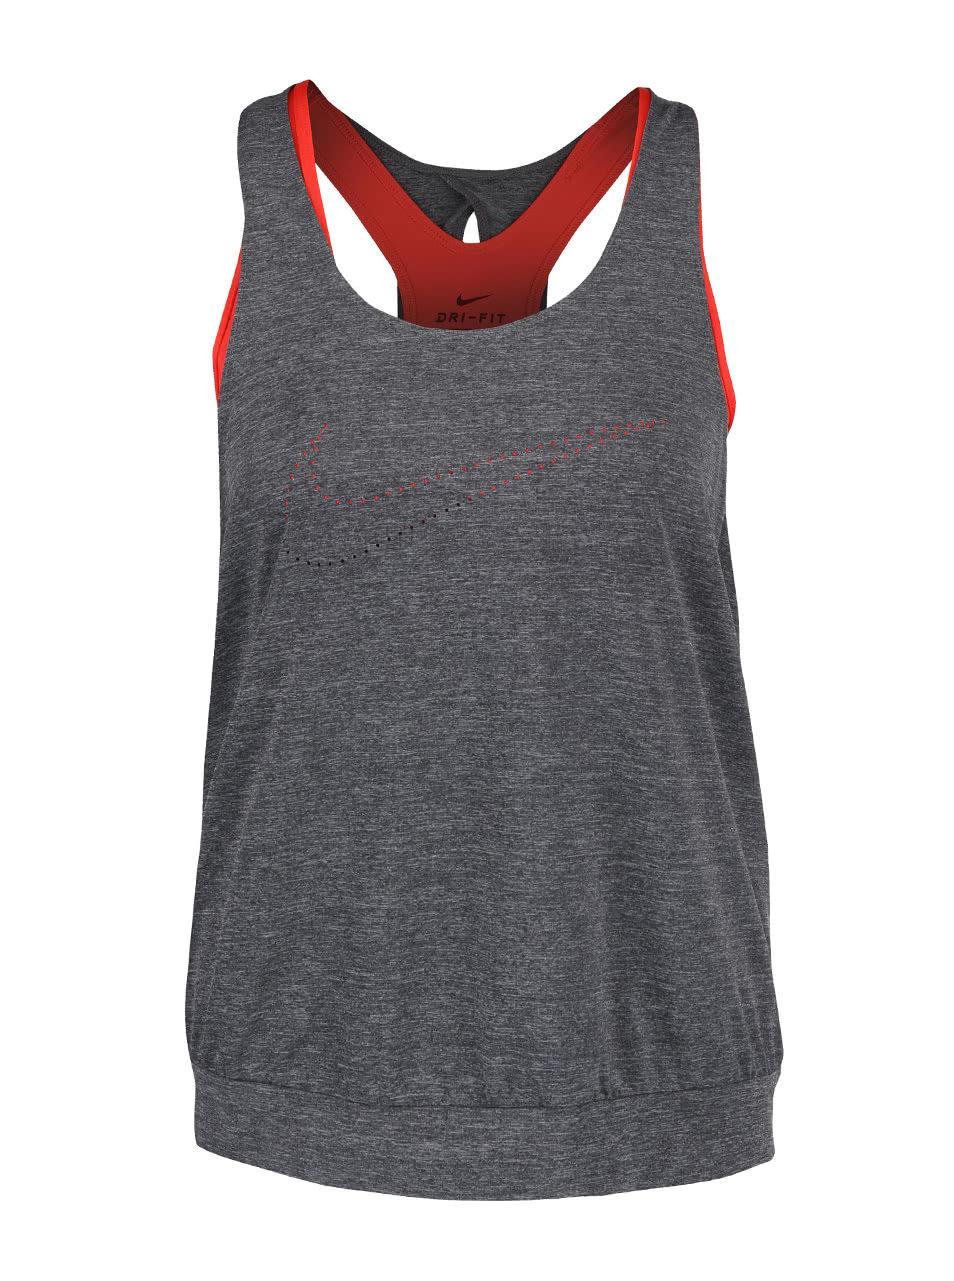 Sivé melírované dámske tielko s červenou podprsenkou 2 v 1 Nike Training ... 9ccd86fbab